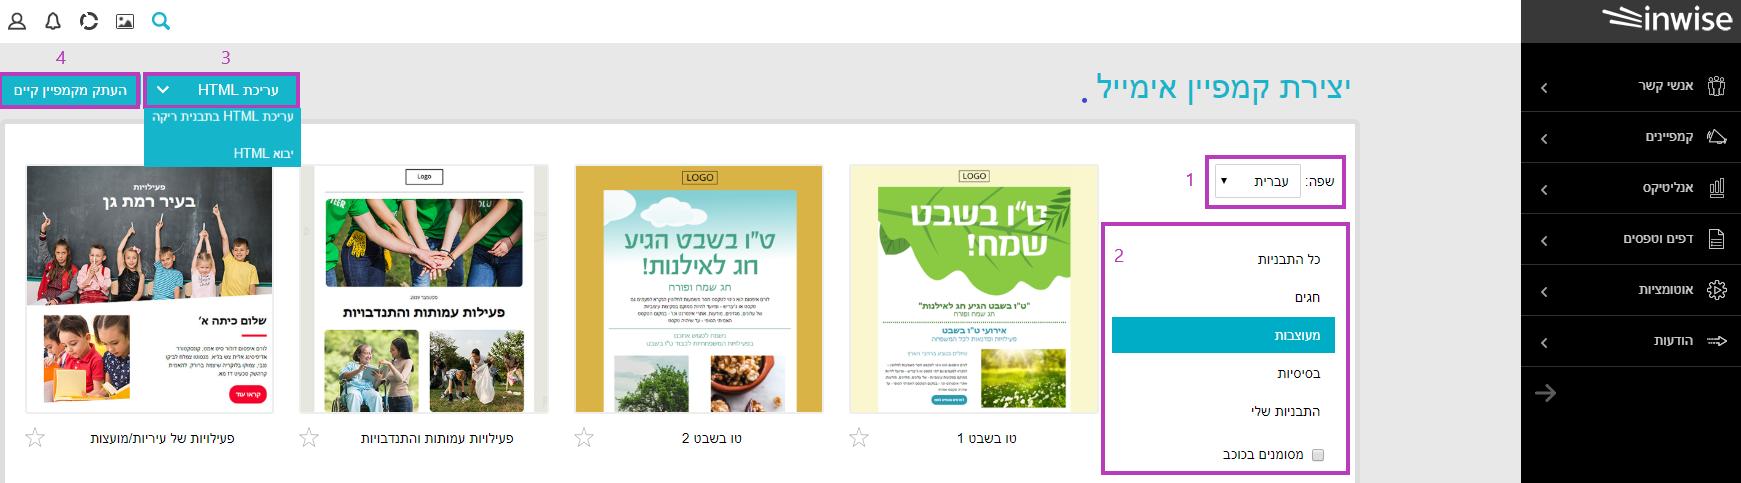 עיצוב קמפיין אימייל - גרסה חדשה